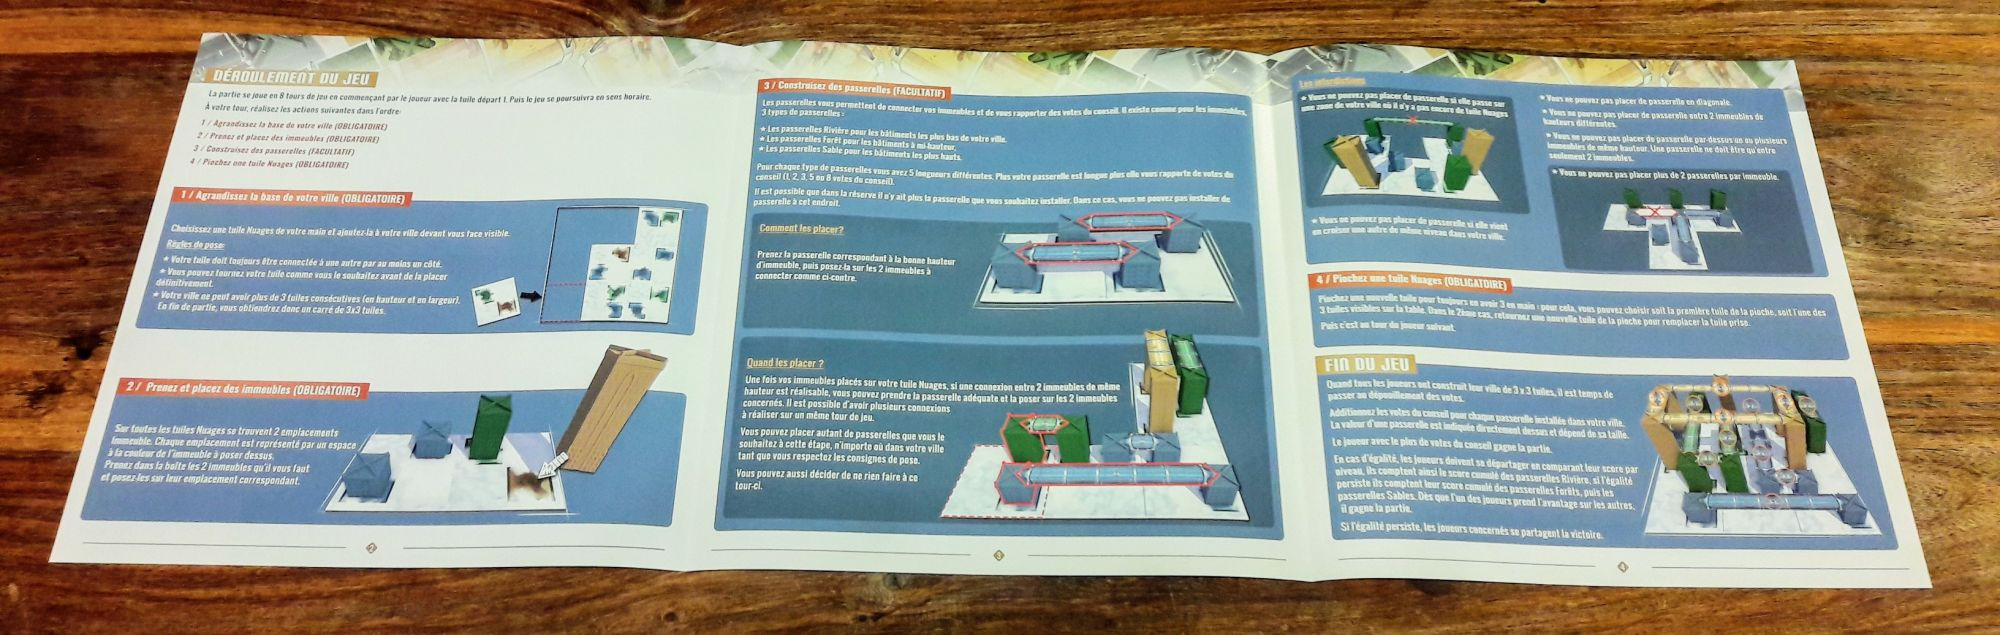 Le livret de règles est en fait un dépliant constitué de 6 pages de règles bien illustrées.